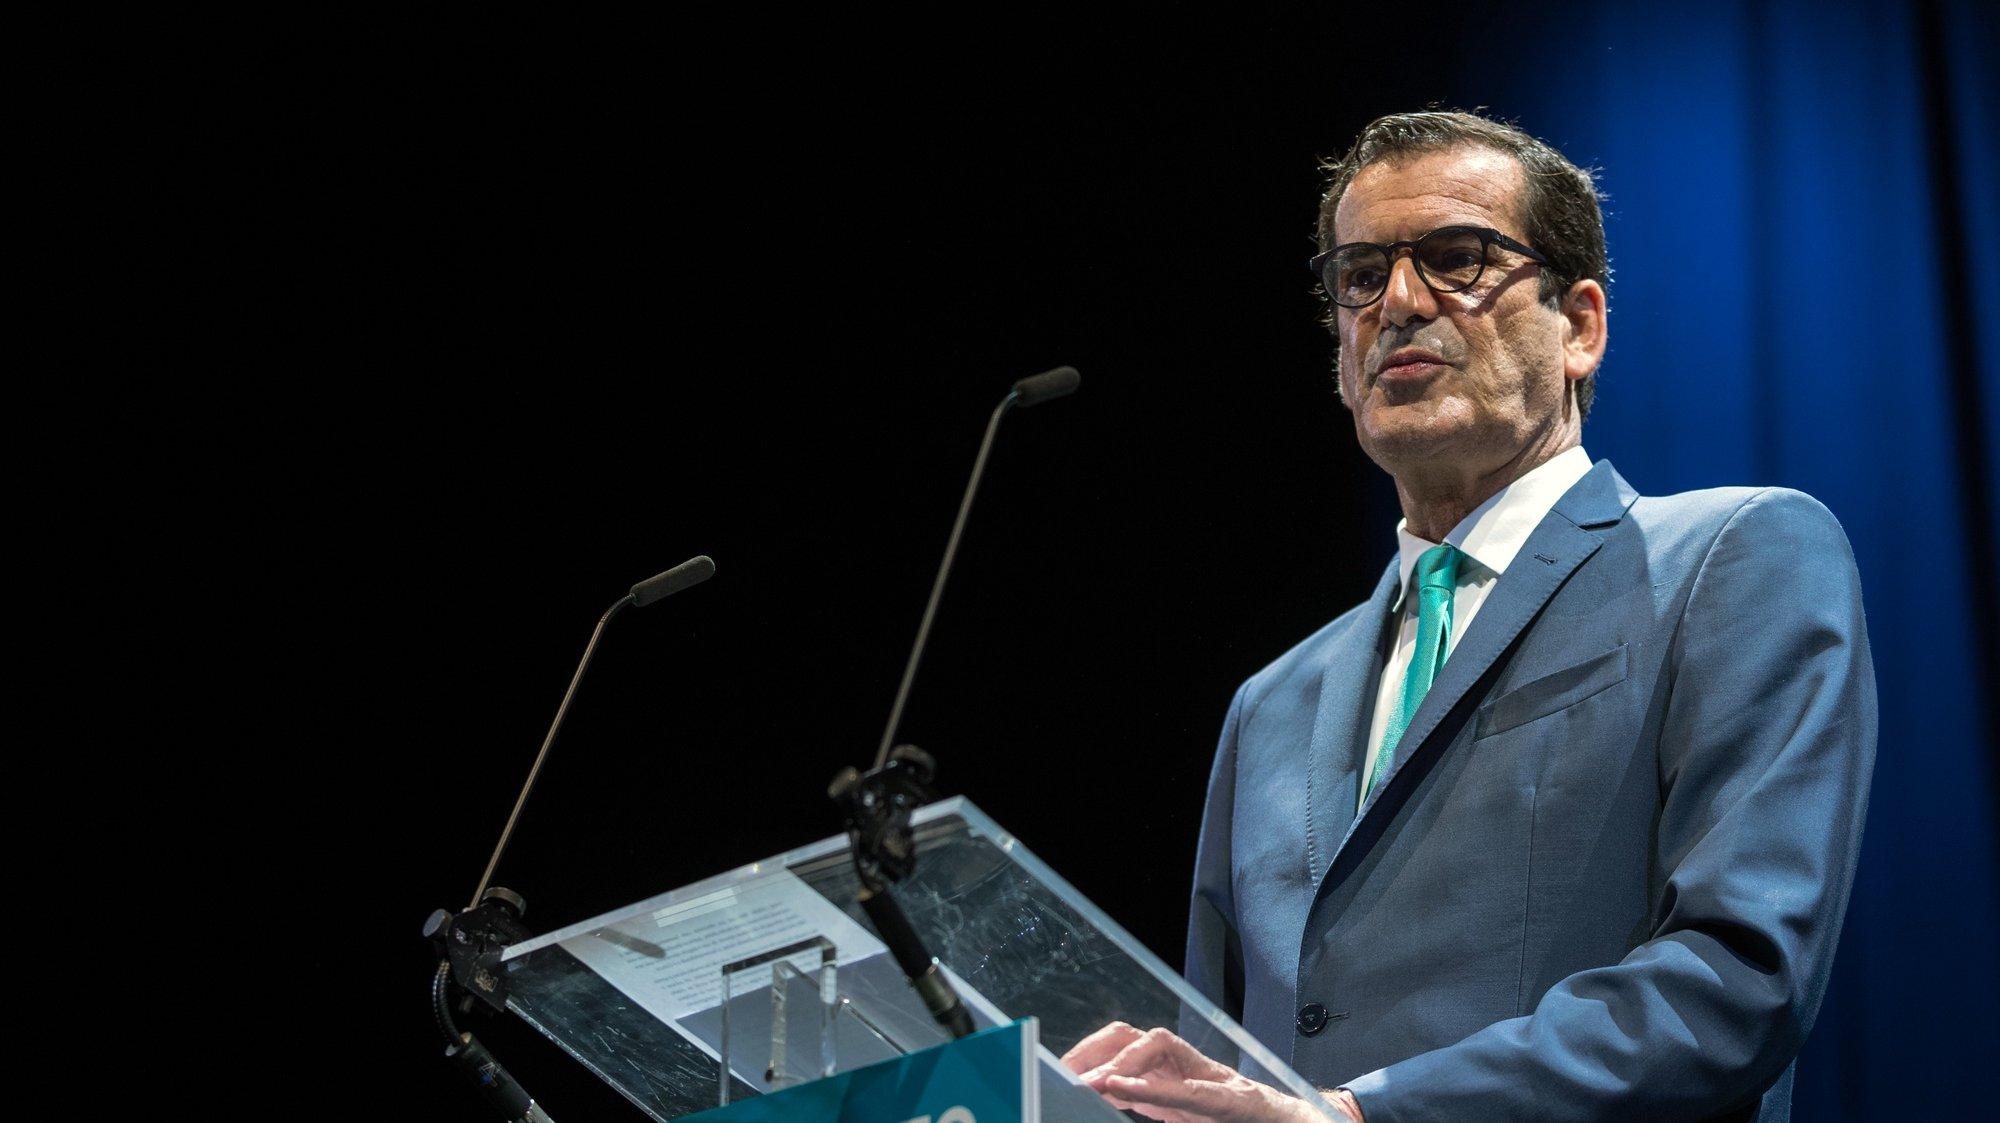 """Rui Moreira apresenta a sua recandidatura à Câmara Municipal do Porto sob o lema """"Porto, o Nosso Movimento"""", no Palácio de Cristal no Porto, 17 de junho de 2021. JOSÉ COELHO/LUSA"""